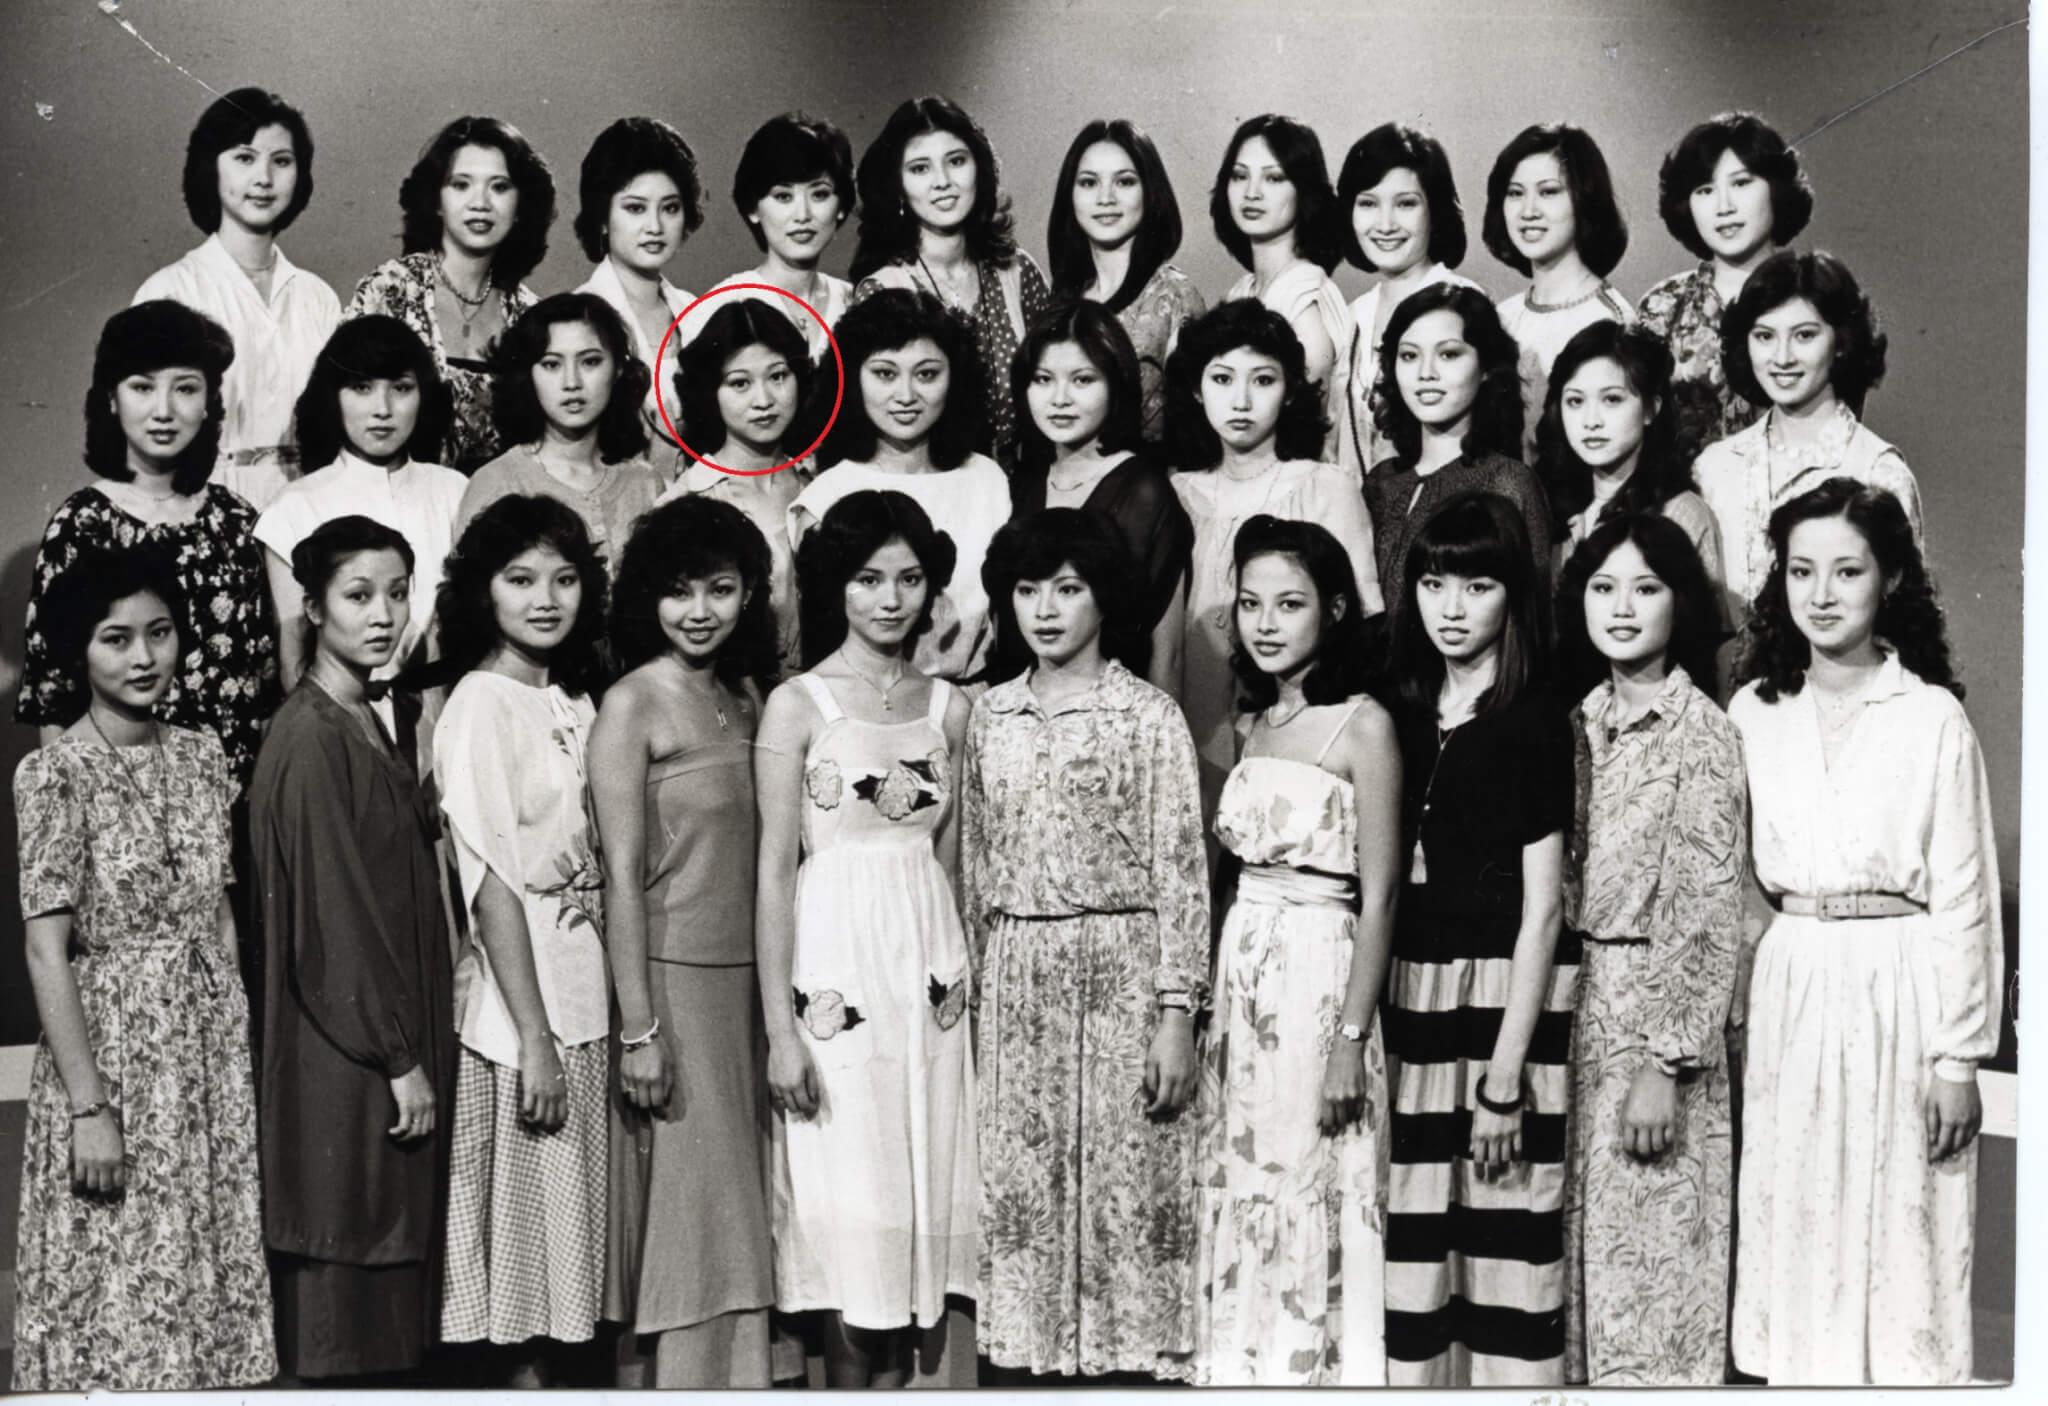 1979¦~»´ä¤p©j¿ïÁ PR¬Û